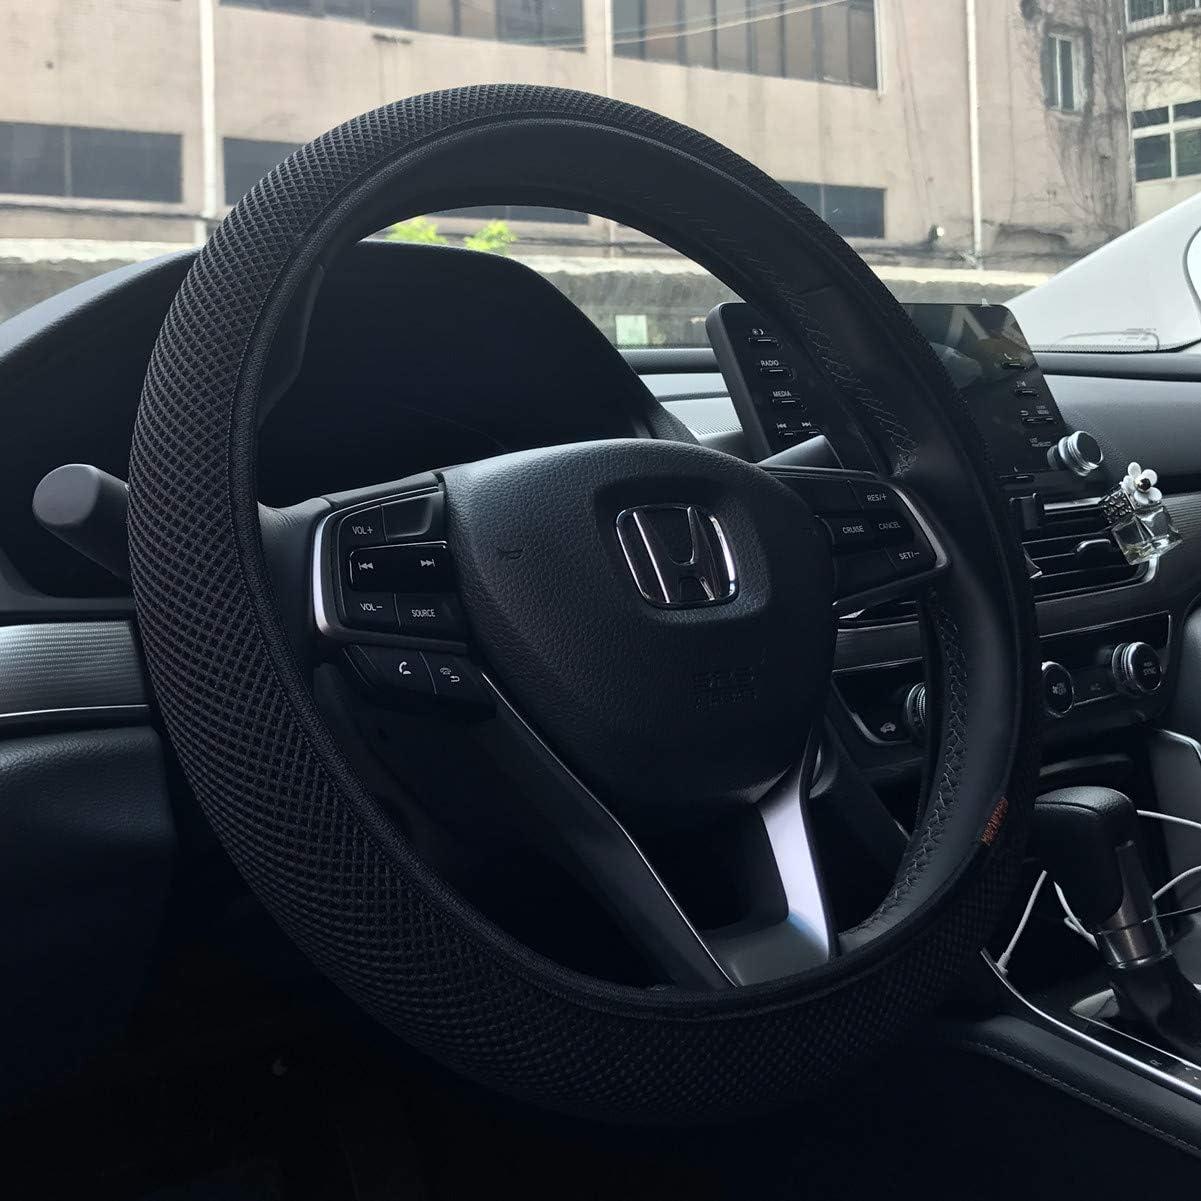 Universal 15 inch KAFEEK Steering Wheel Cover Black Odorless Microfiber Breathable Ice Silk Easy Carry Anti-Slip